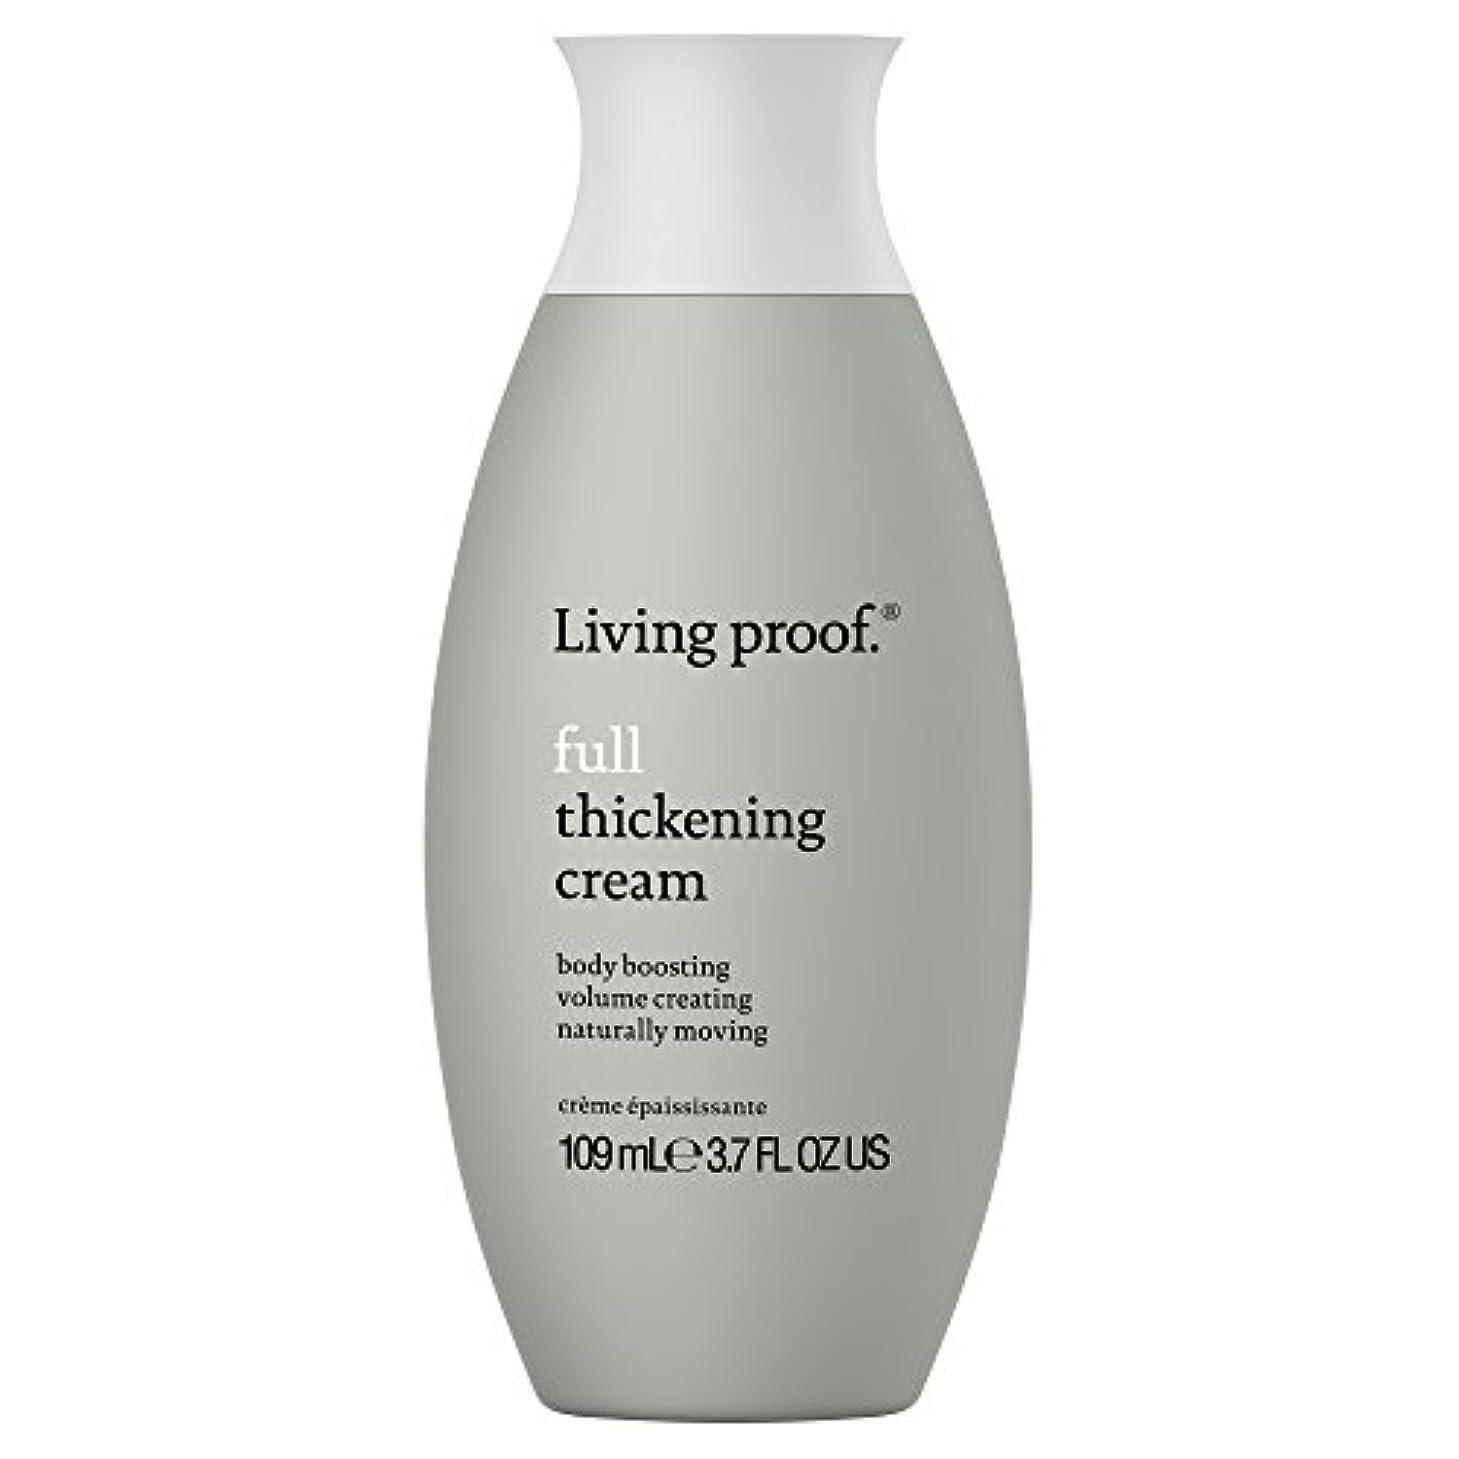 締め切りおばさん動機生きている証拠フル肥厚クリーム109ミリリットル (Living Proof) (x6) - Living Proof Full Thickening Cream 109ml (Pack of 6) [並行輸入品]